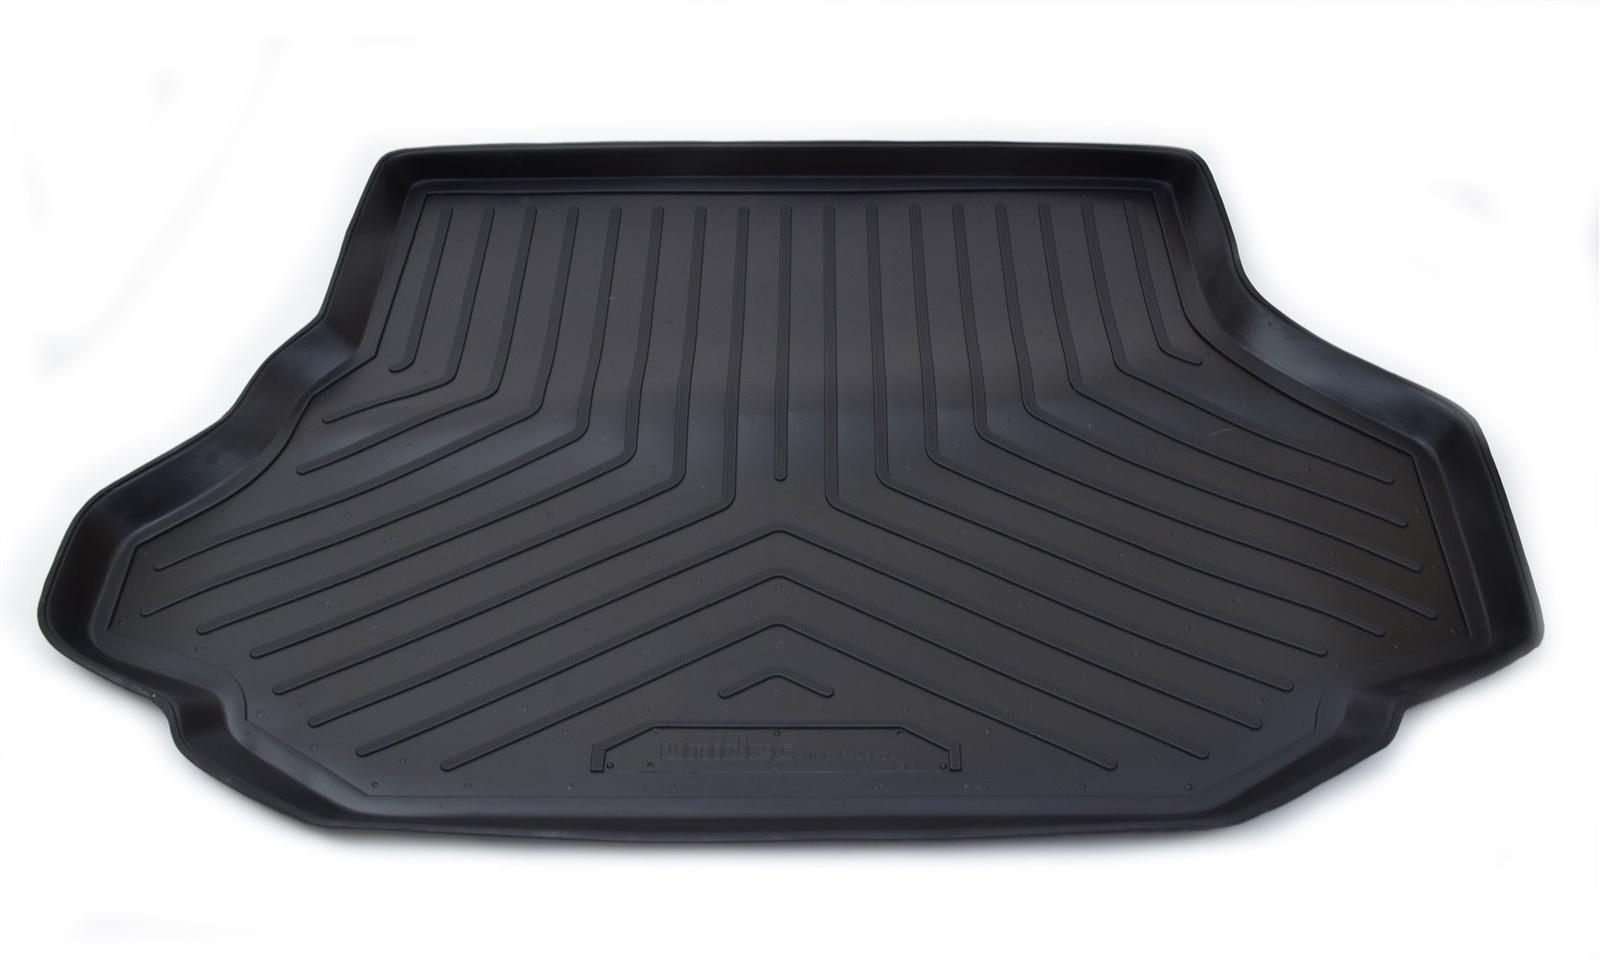 Коврик багажника Norplast для Kia Carens FC 1999-2006, NPL-P-43-08, черный